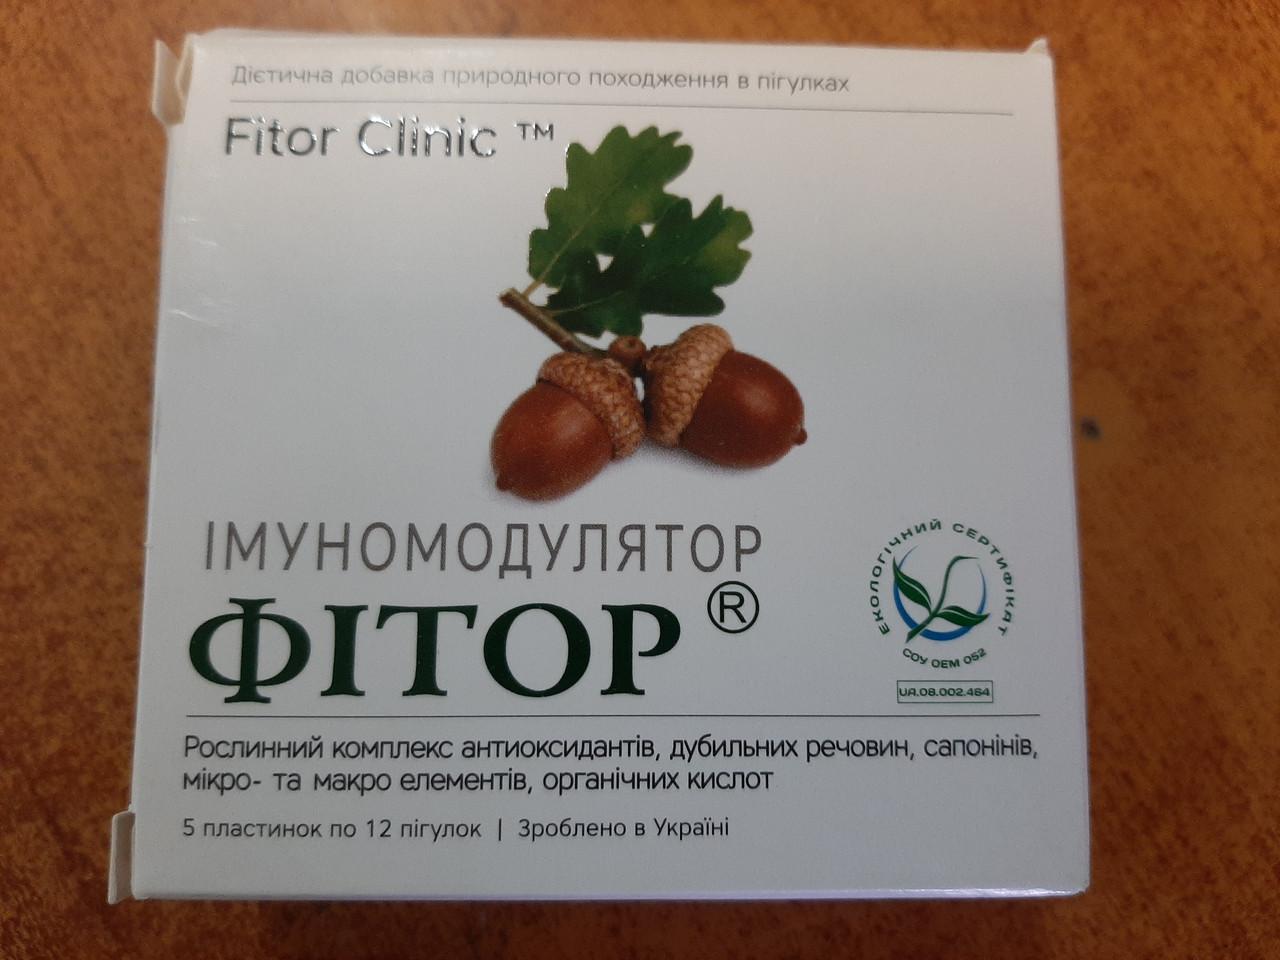 Фітор в таблетках. Імуномодулятор. Антиоксидант. 12 таб.